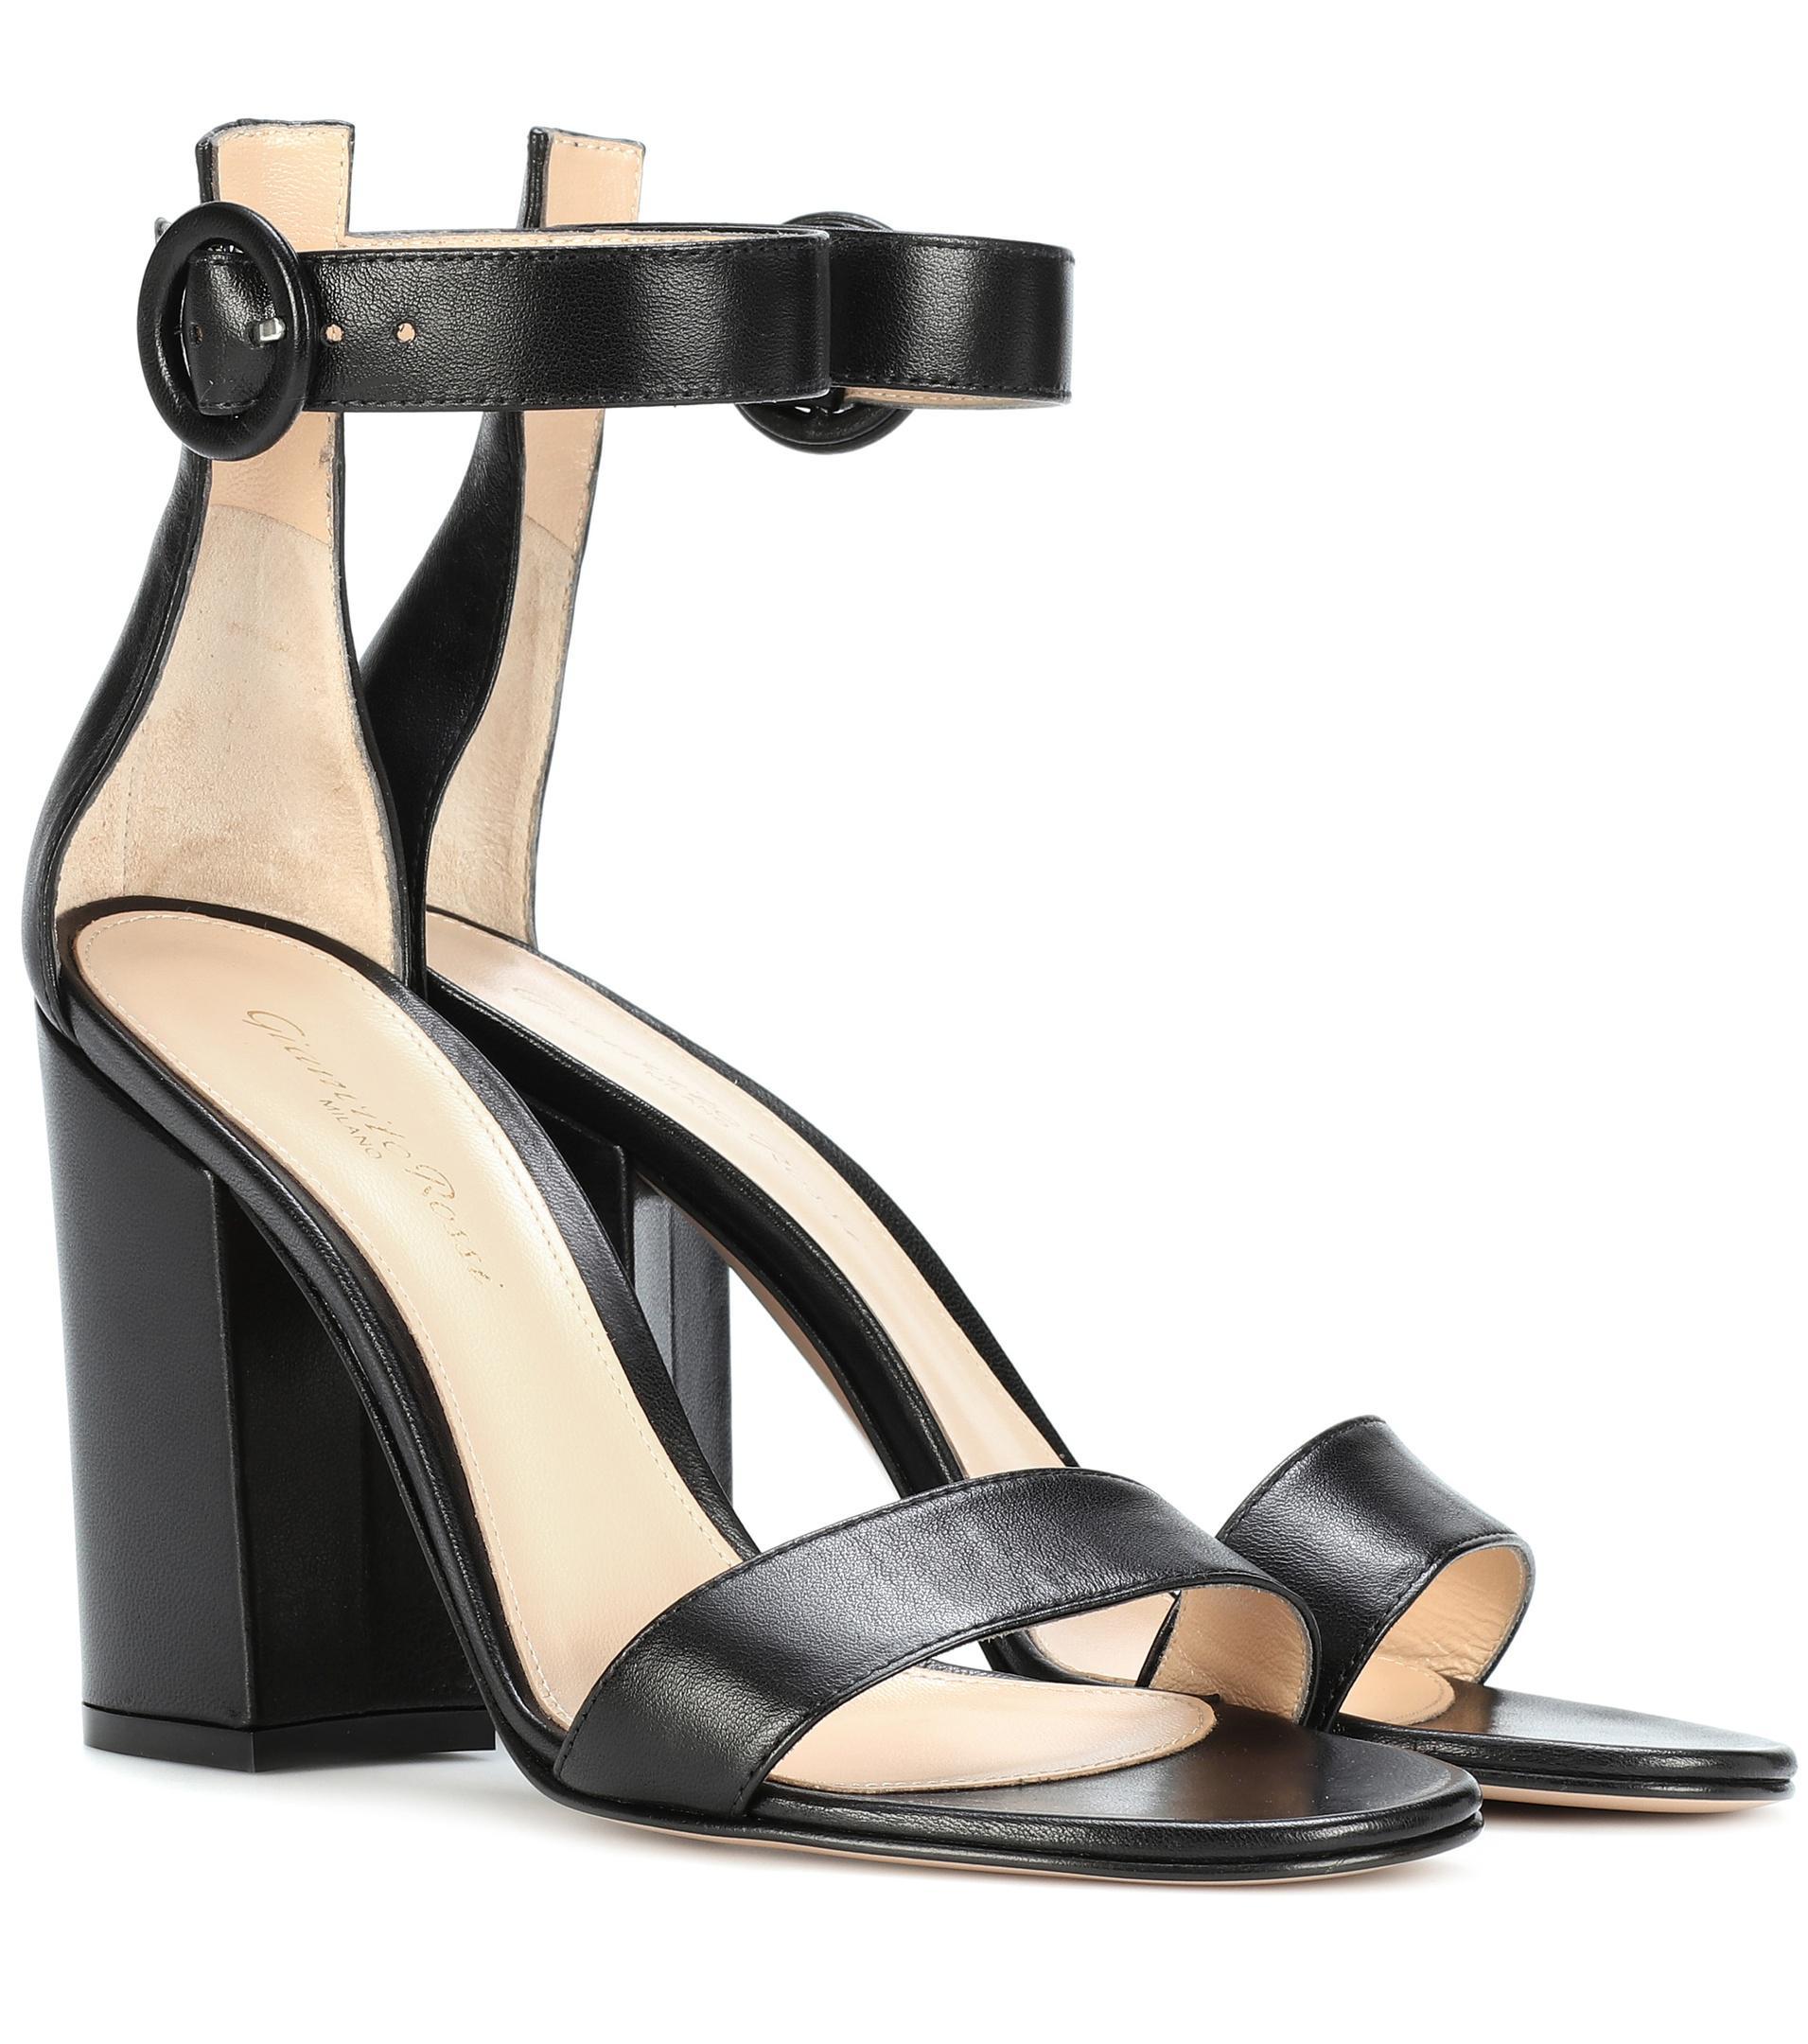 6197f3bf5642 Gianvito Rossi Versilia Leather Sandals in Black - Lyst